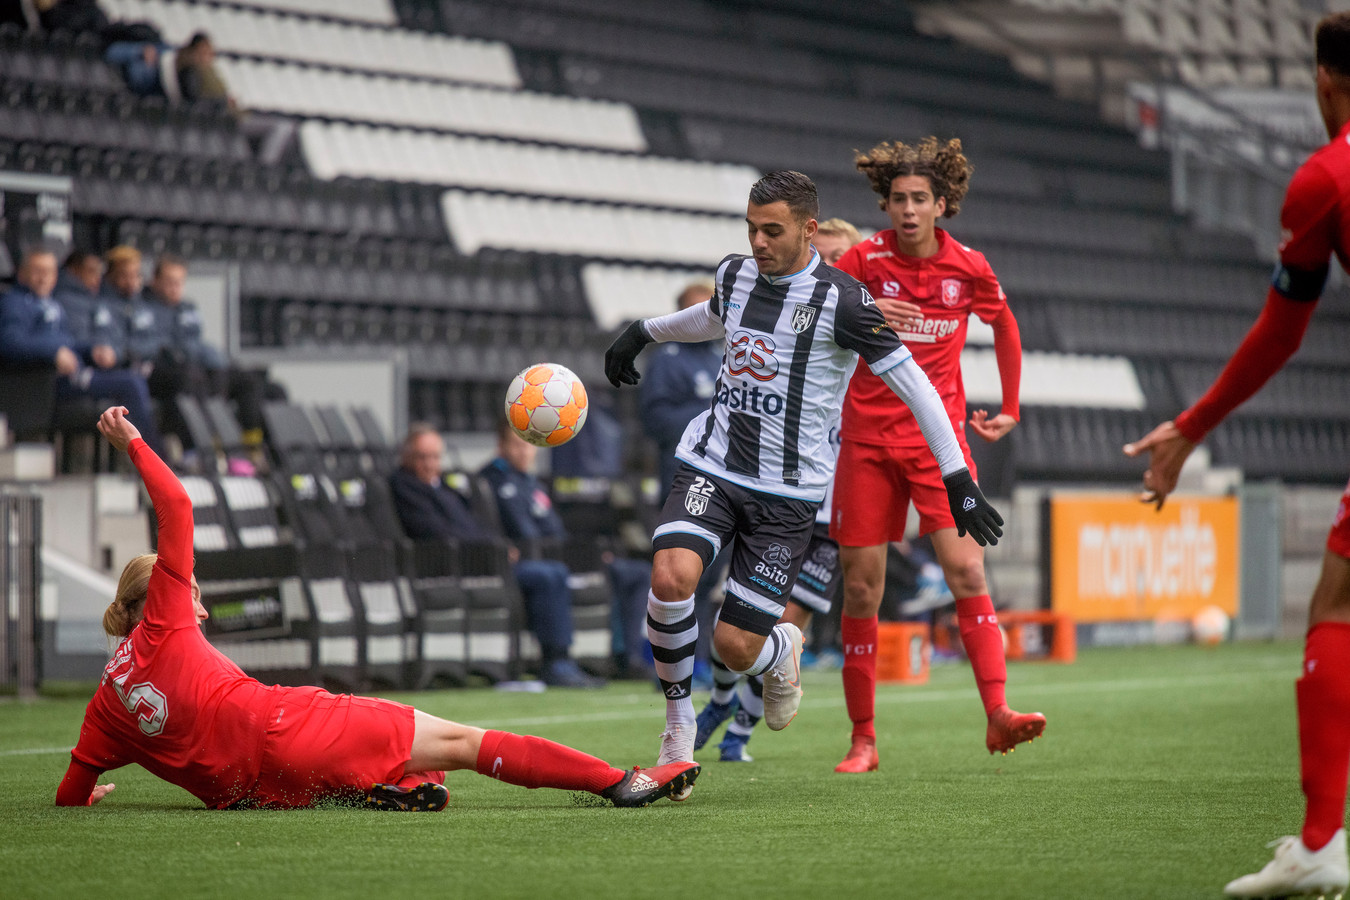 Voor de wedstrijd tussen Jong Heracles en Jong FC Twente geldt een buscombi.